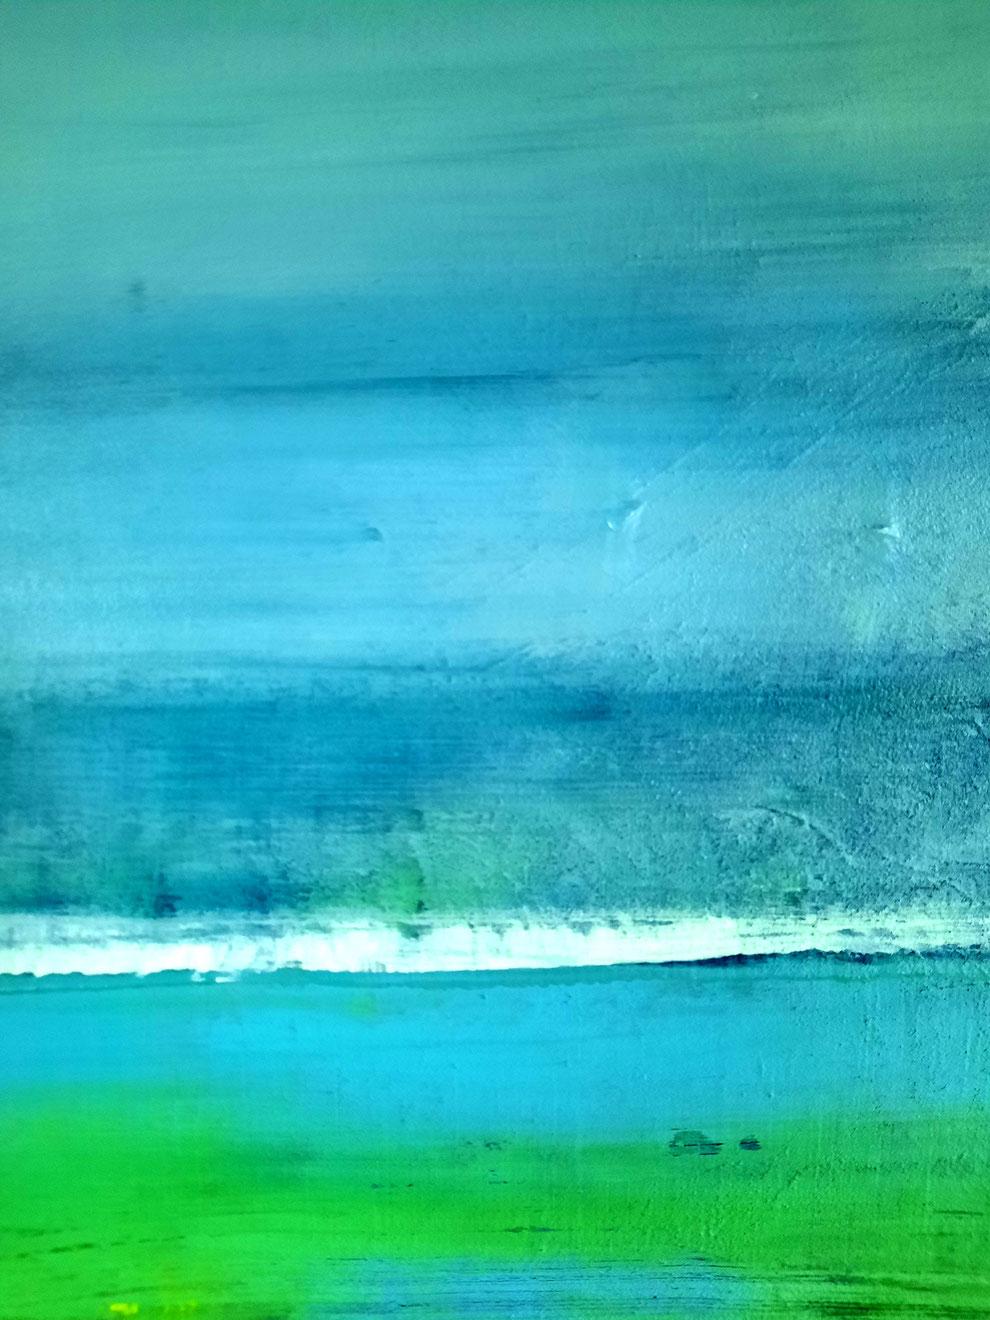 türkis grün hellblau blau